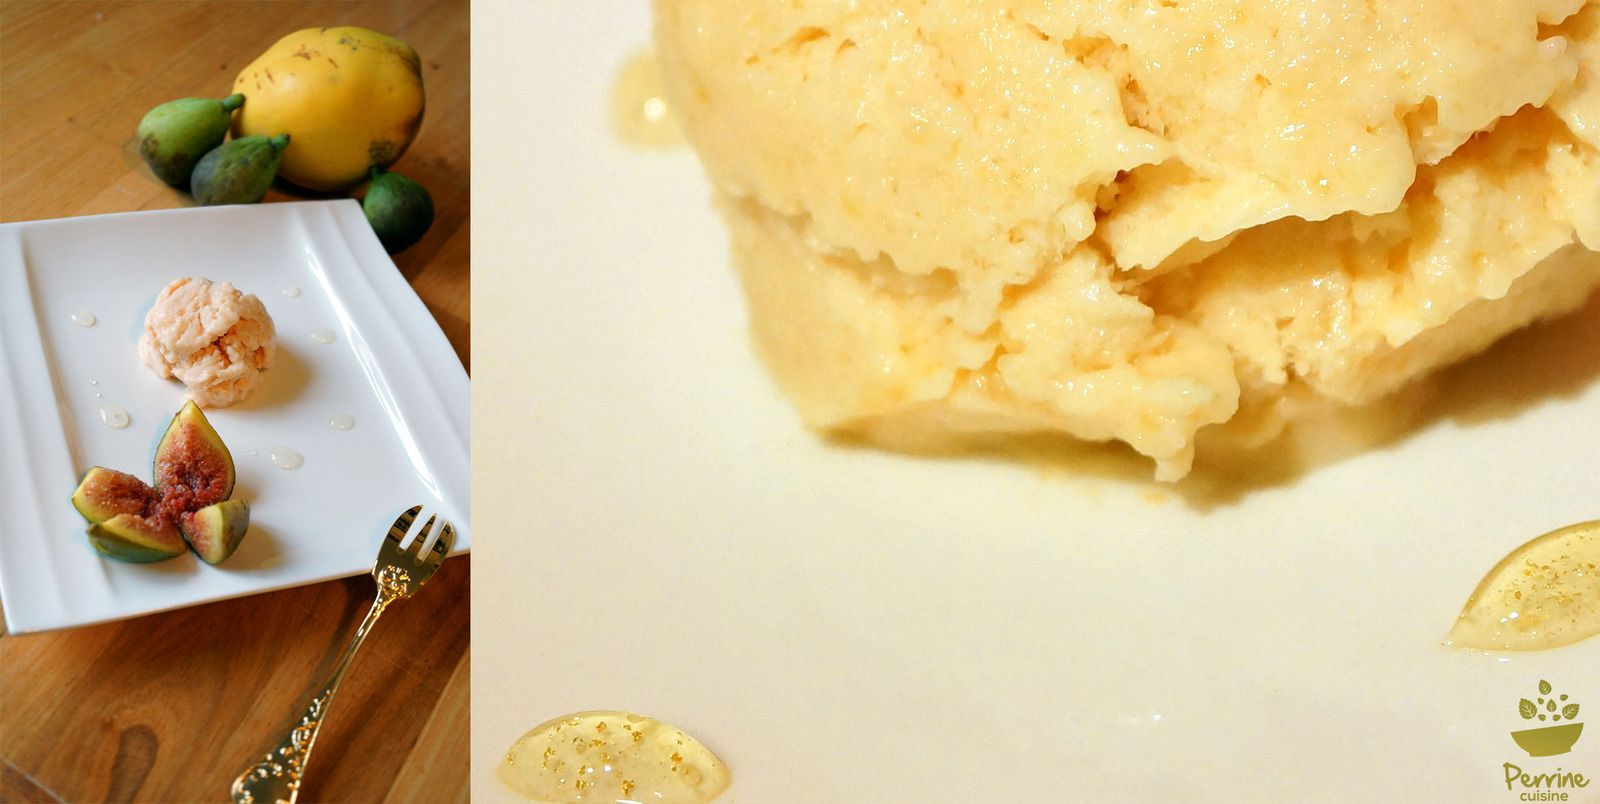 Glace aux coings et figues rôties, miel à la fleur d'oranger